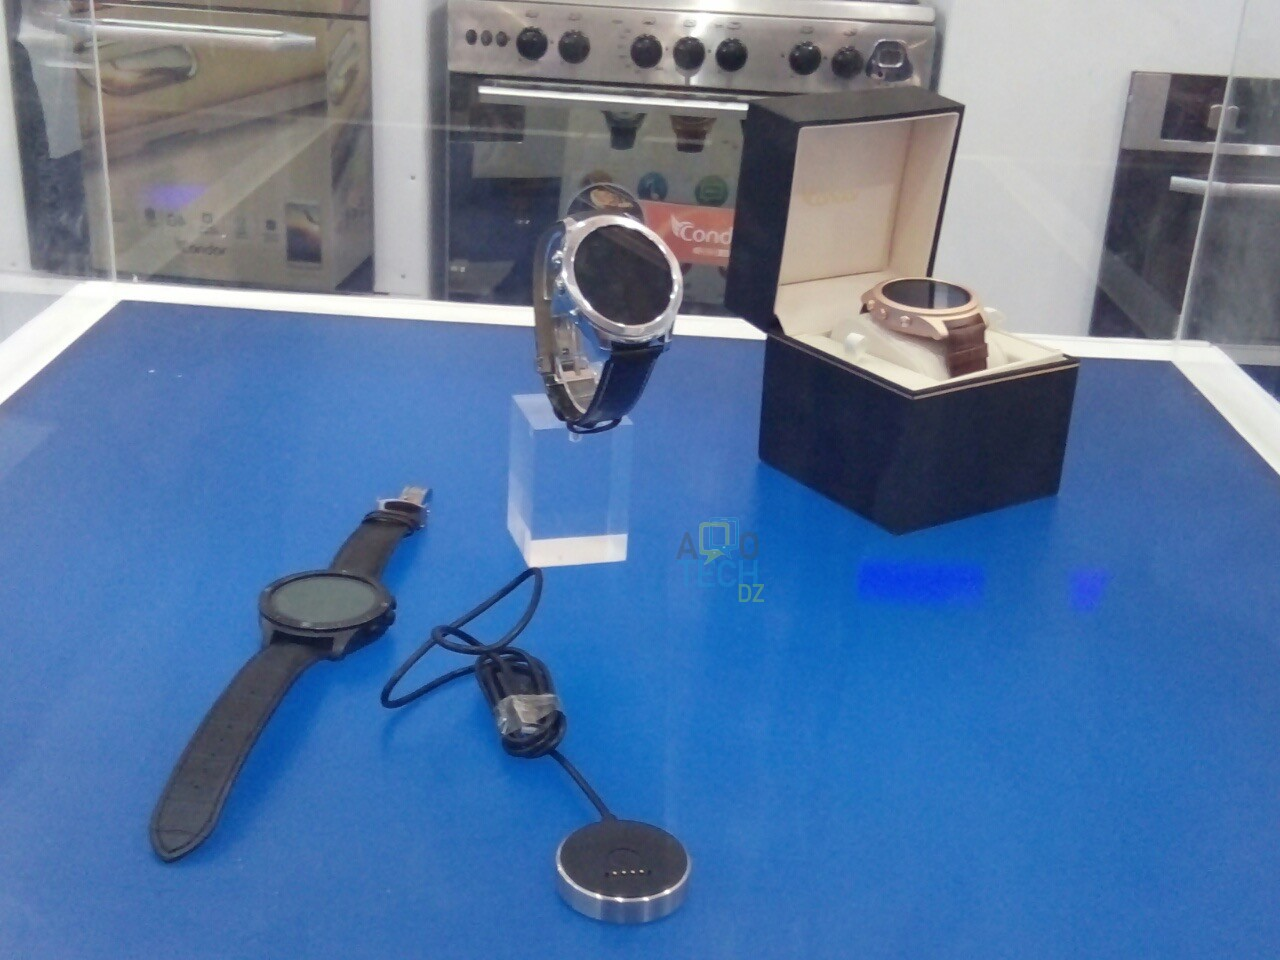 condor smartwatch